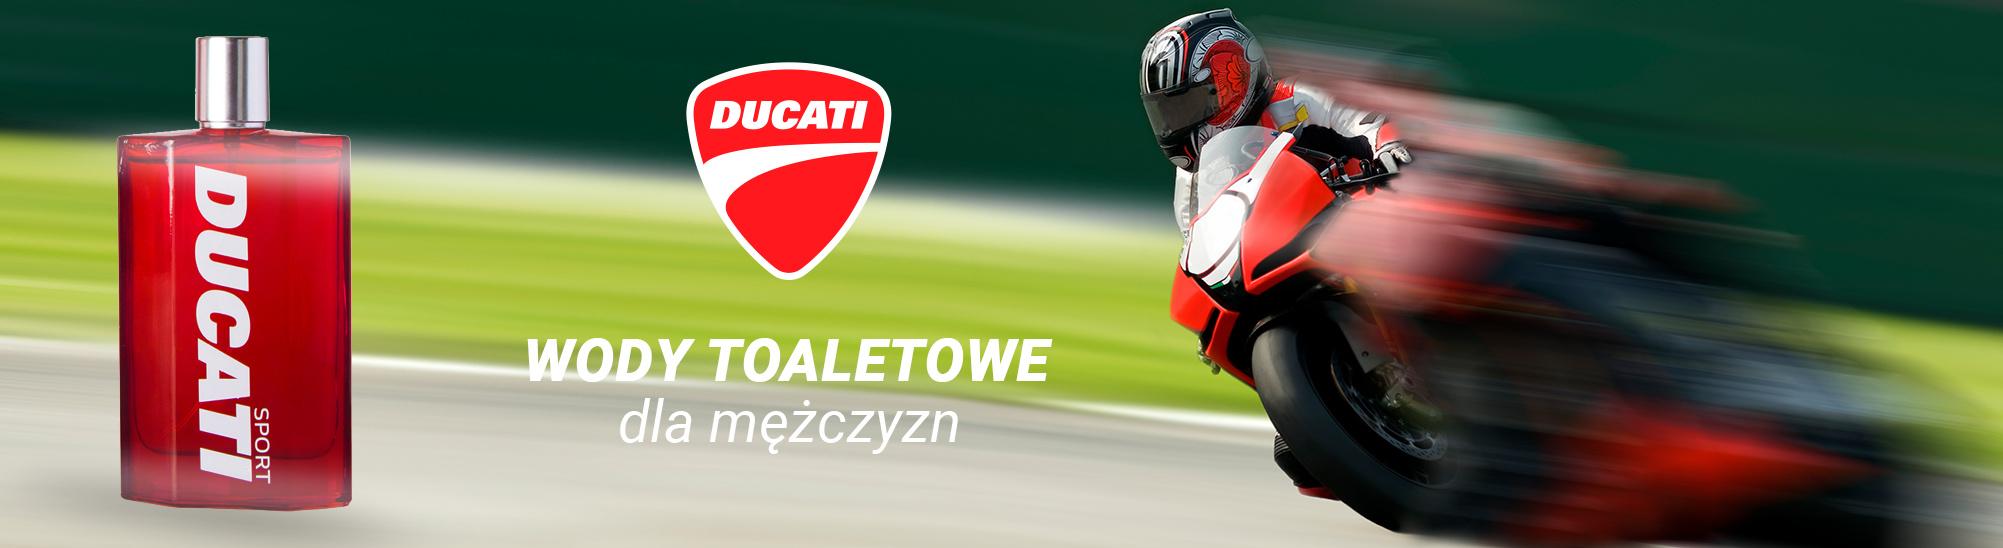 [Ducati]